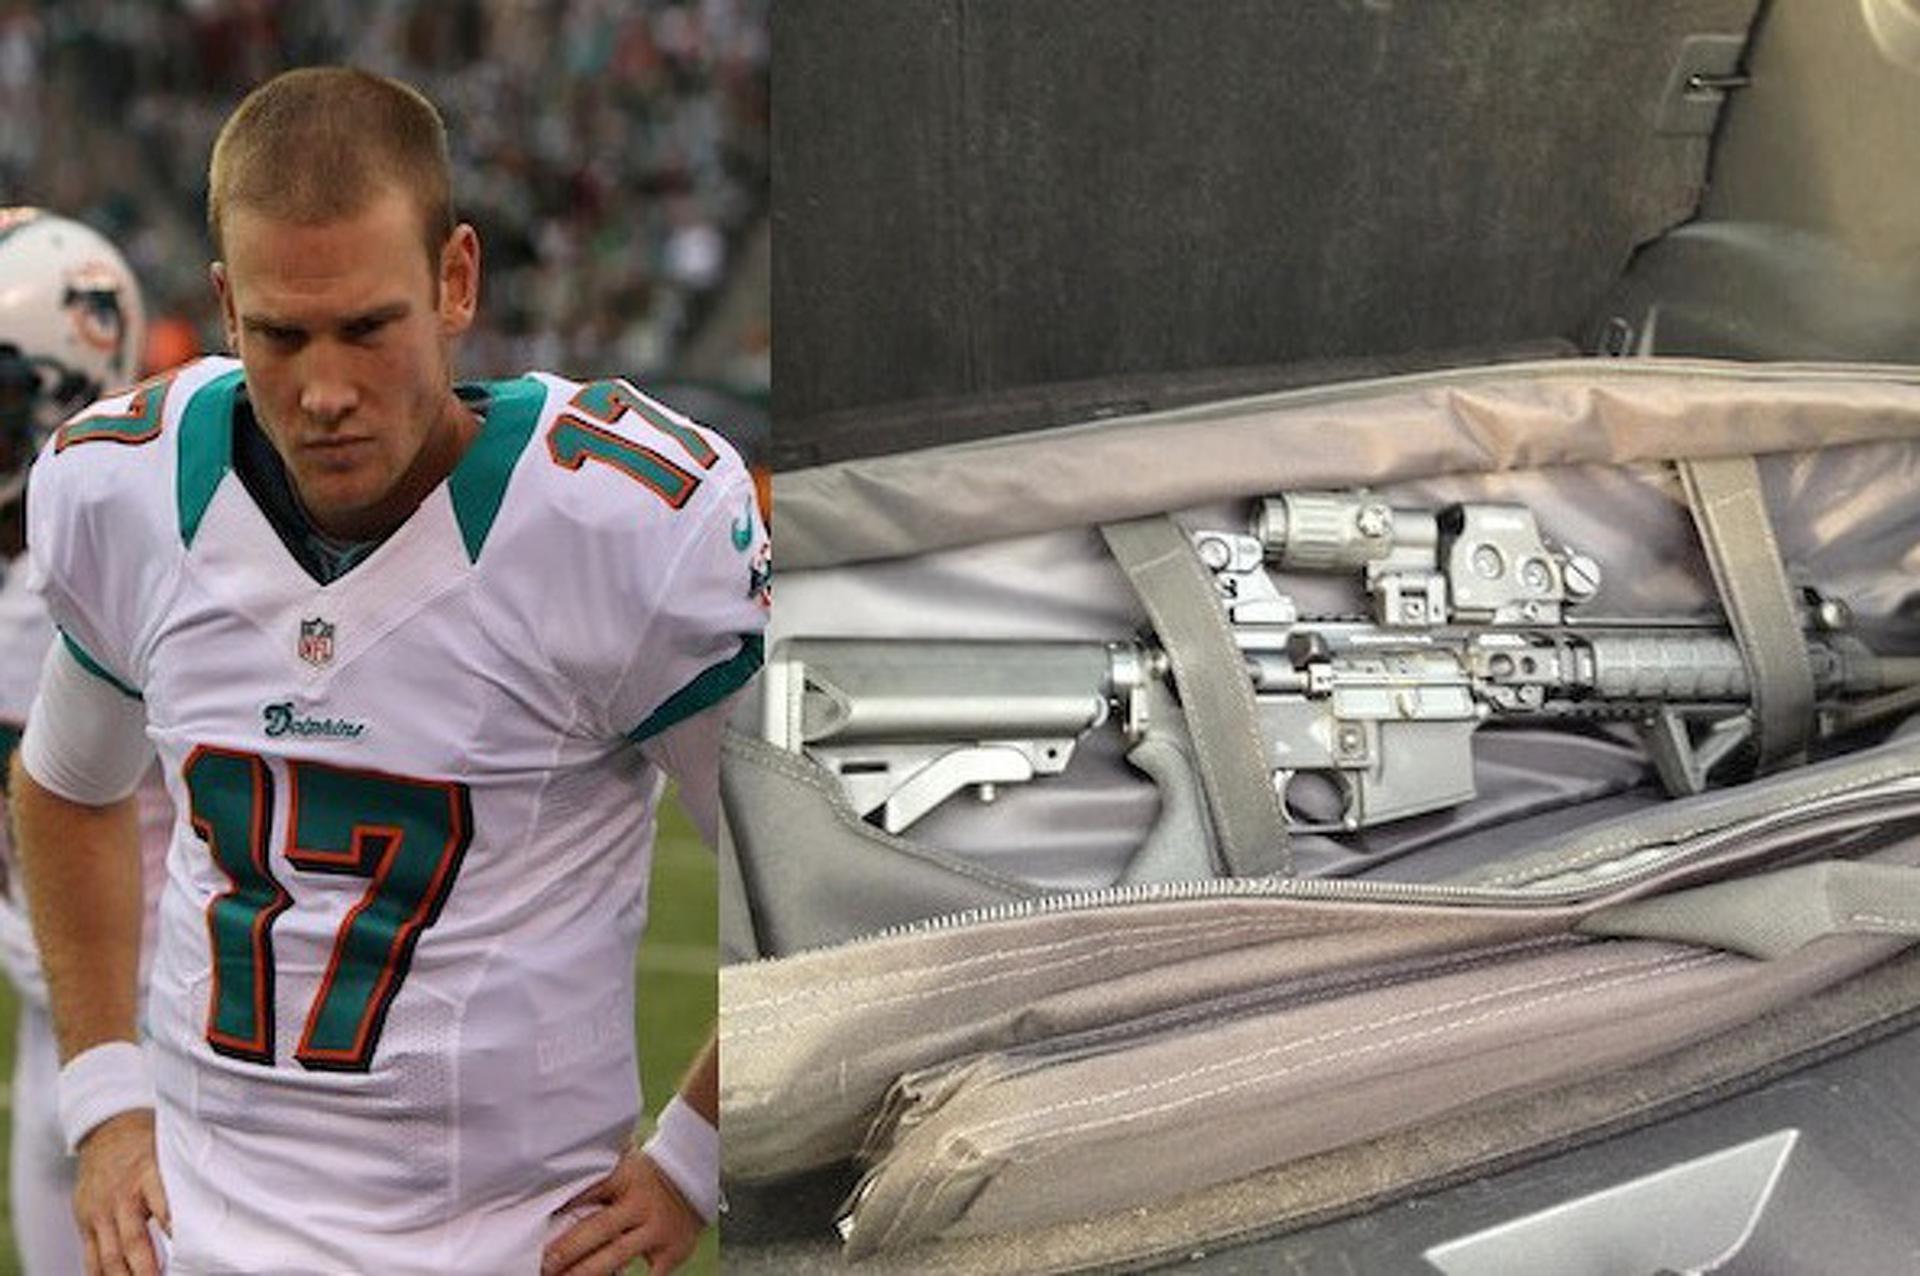 Ryan Tannehill Left an AR-15 Rifle in his Rental Car